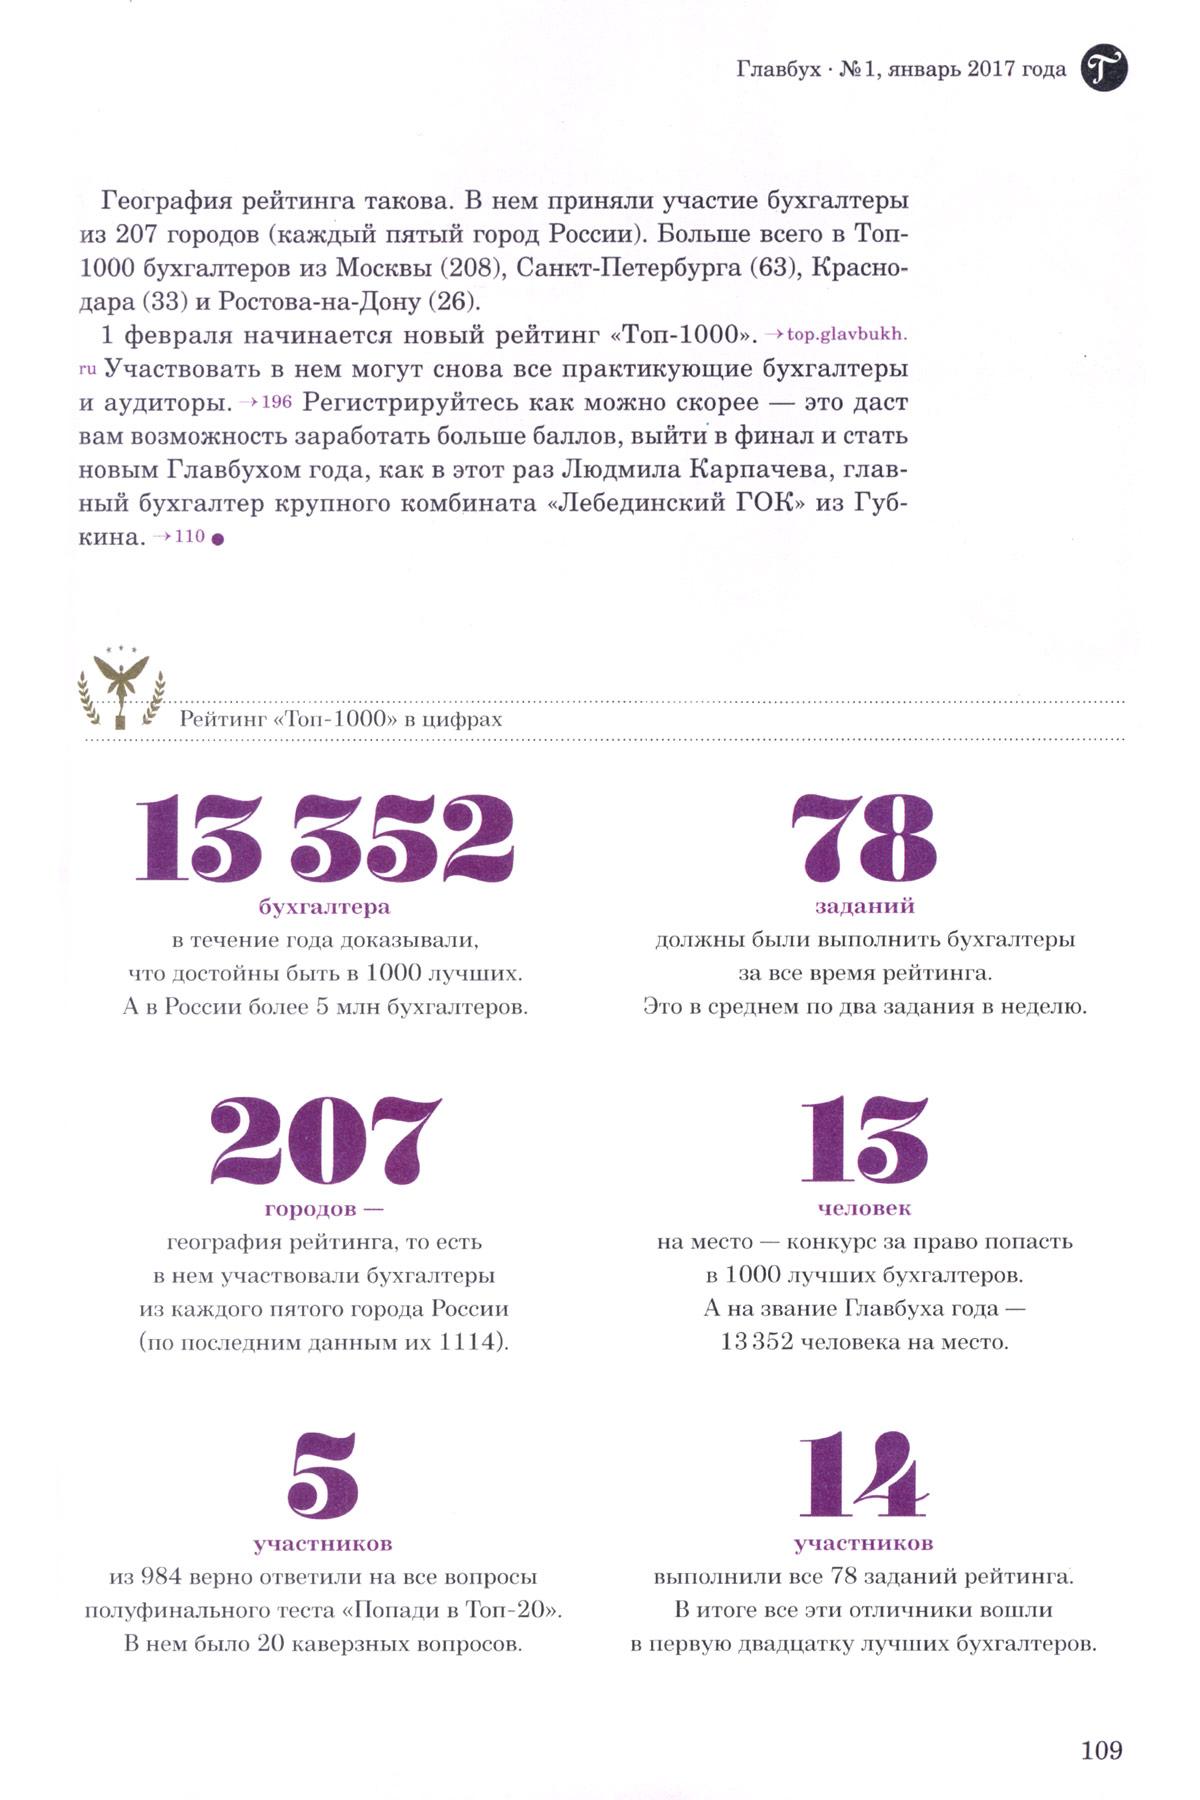 Журнал «Главбух». Итоги рейтинга «Топ-1000 лучших бухгалтеров России». Стр. 108